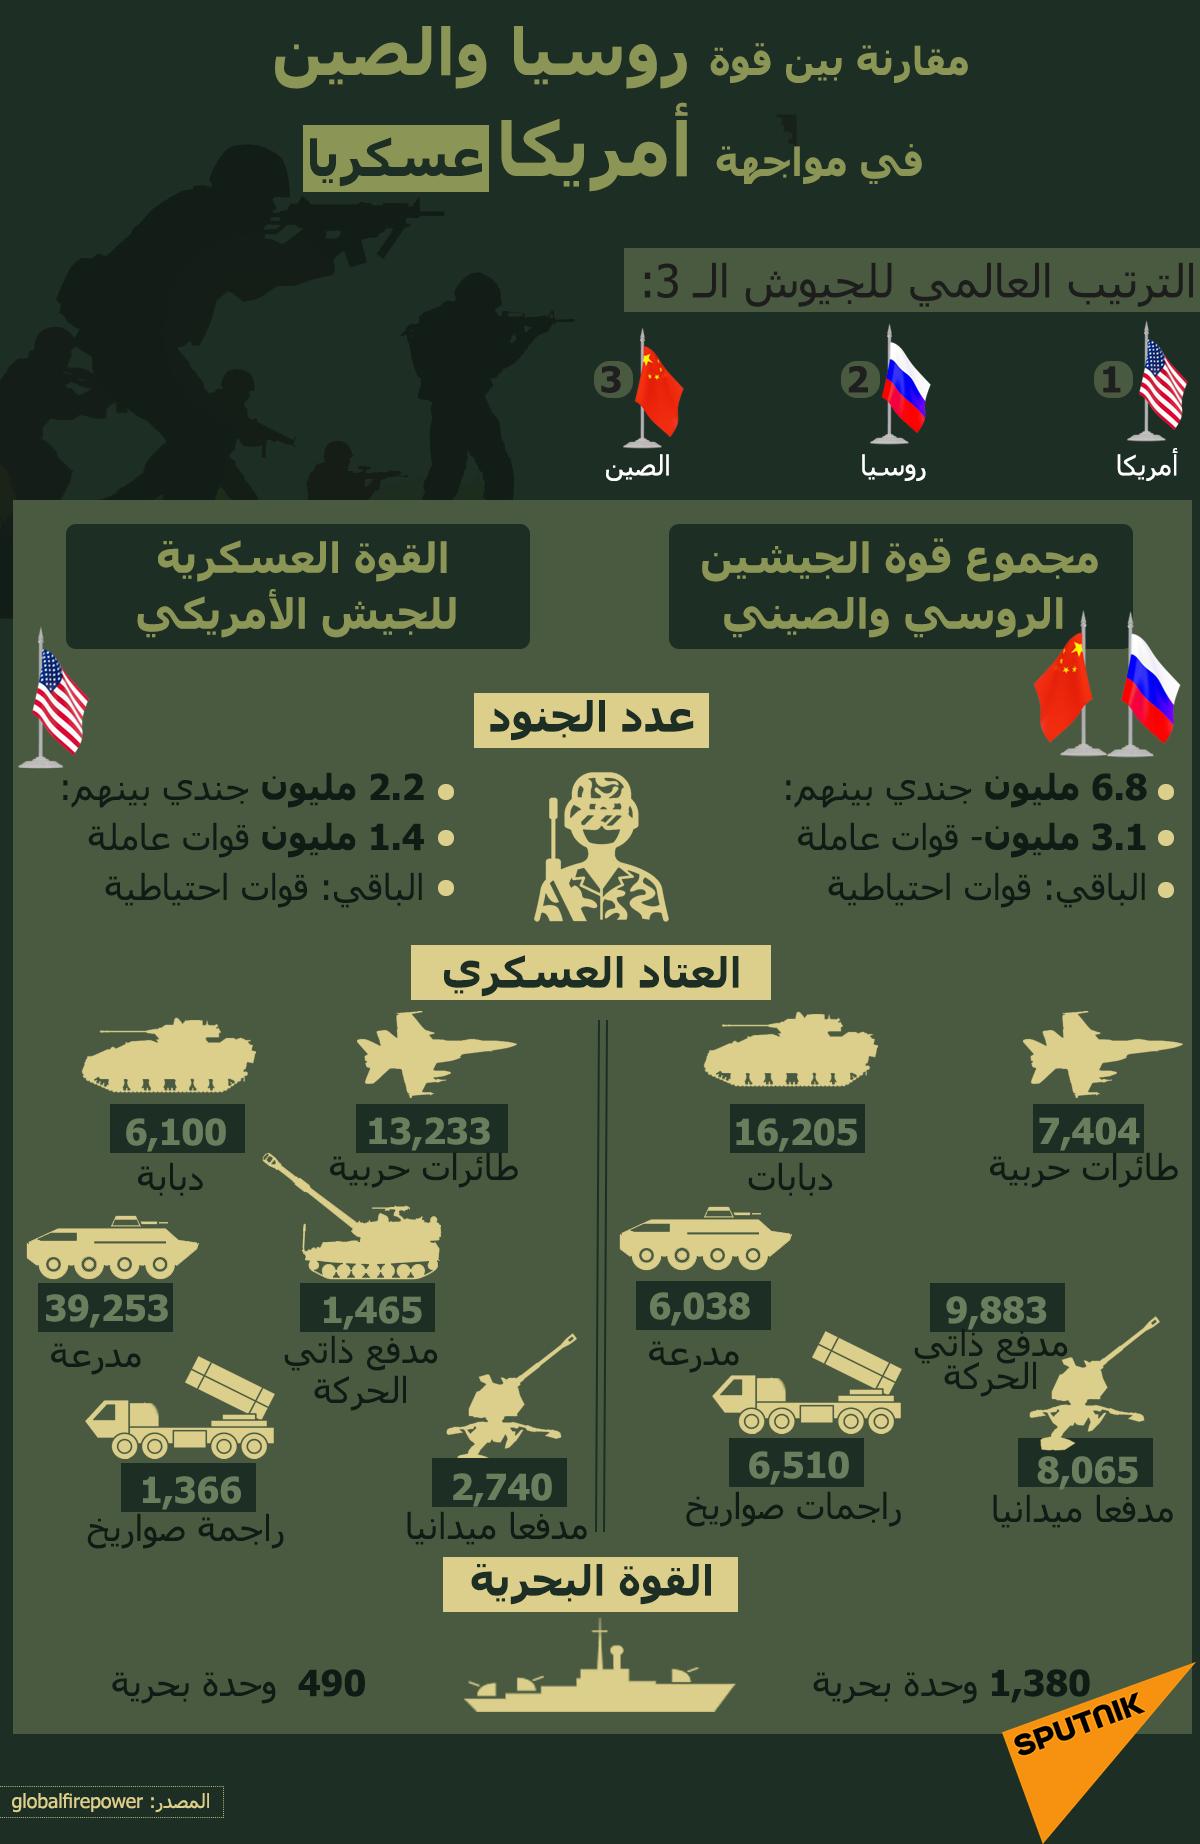 إنفوجرافيك... بالأرقام… مقارنة بين قوة روسيا والصين في مواجهة أمريكا عسكريا